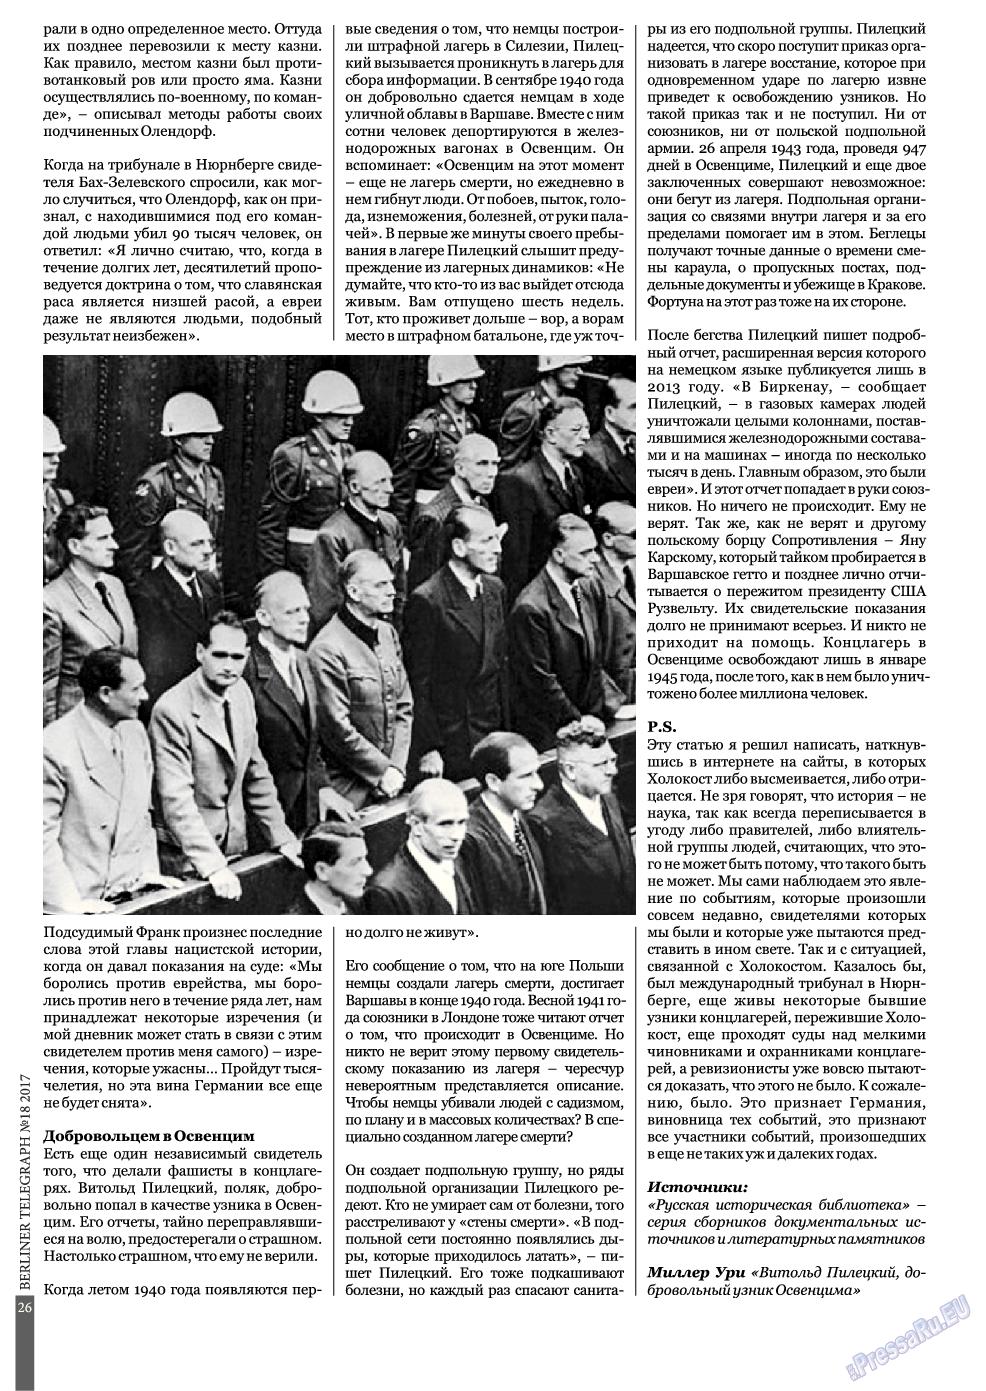 Берлинский телеграф (журнал). 2017 год, номер 18, стр. 26